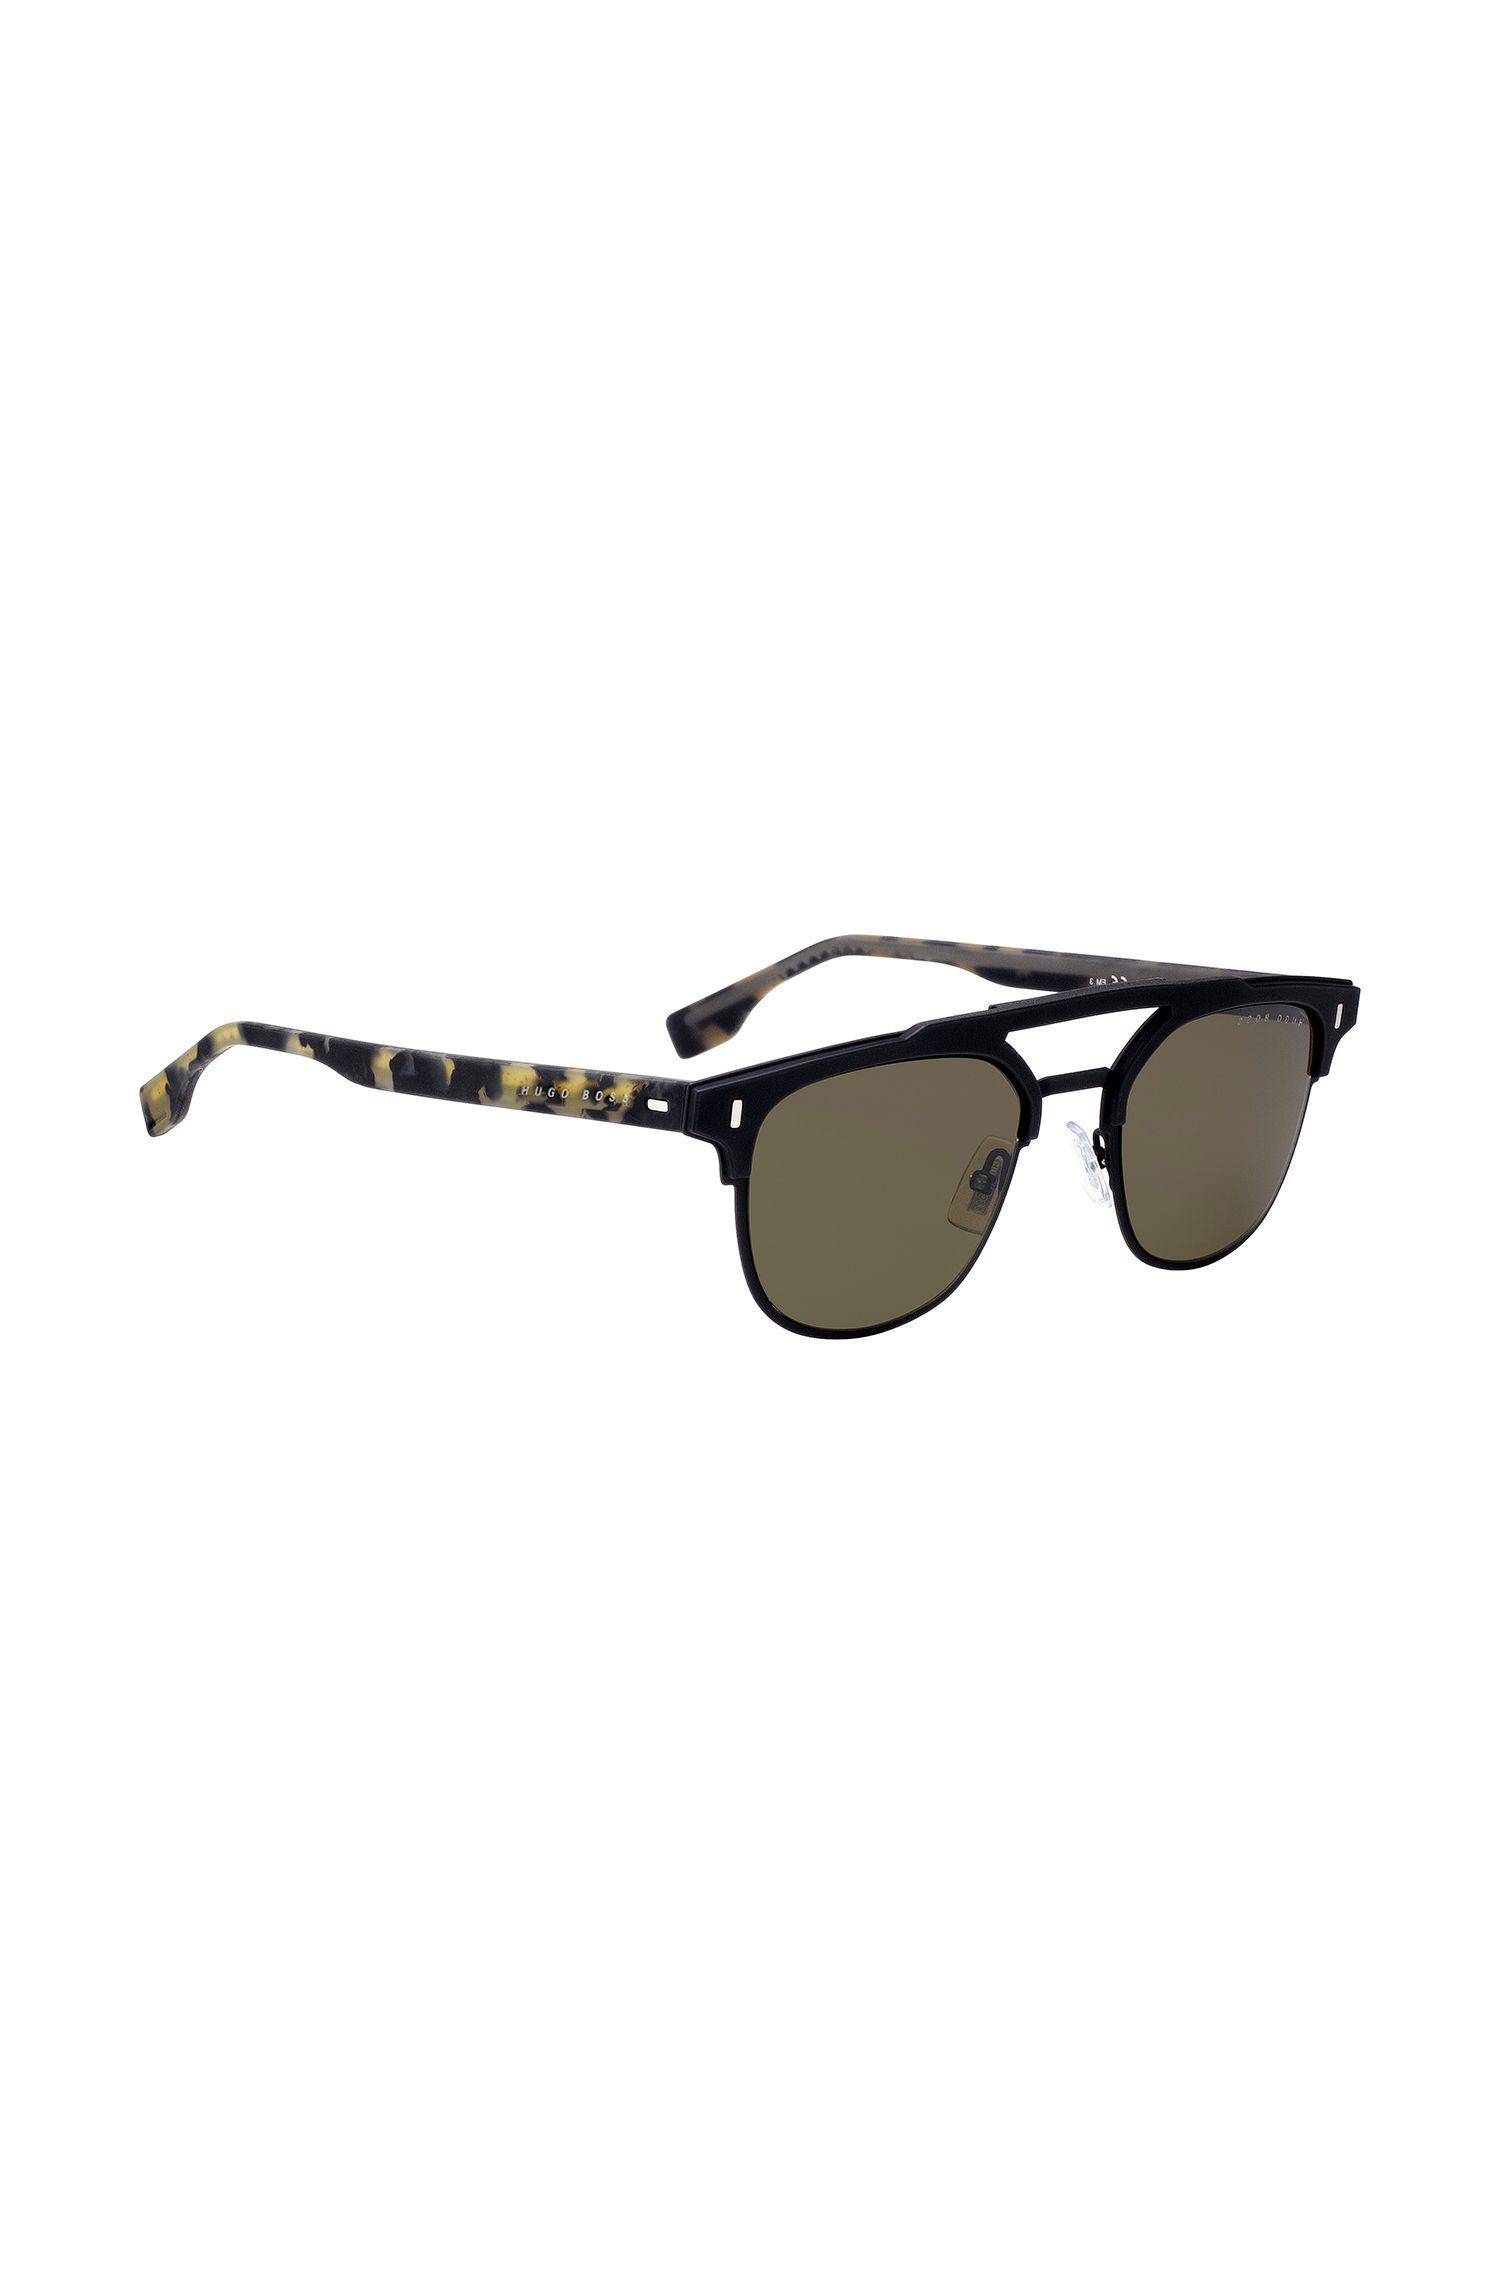 Gafas de sol negras con doble puente y patillas de goma con diseño Habana, Fantasía